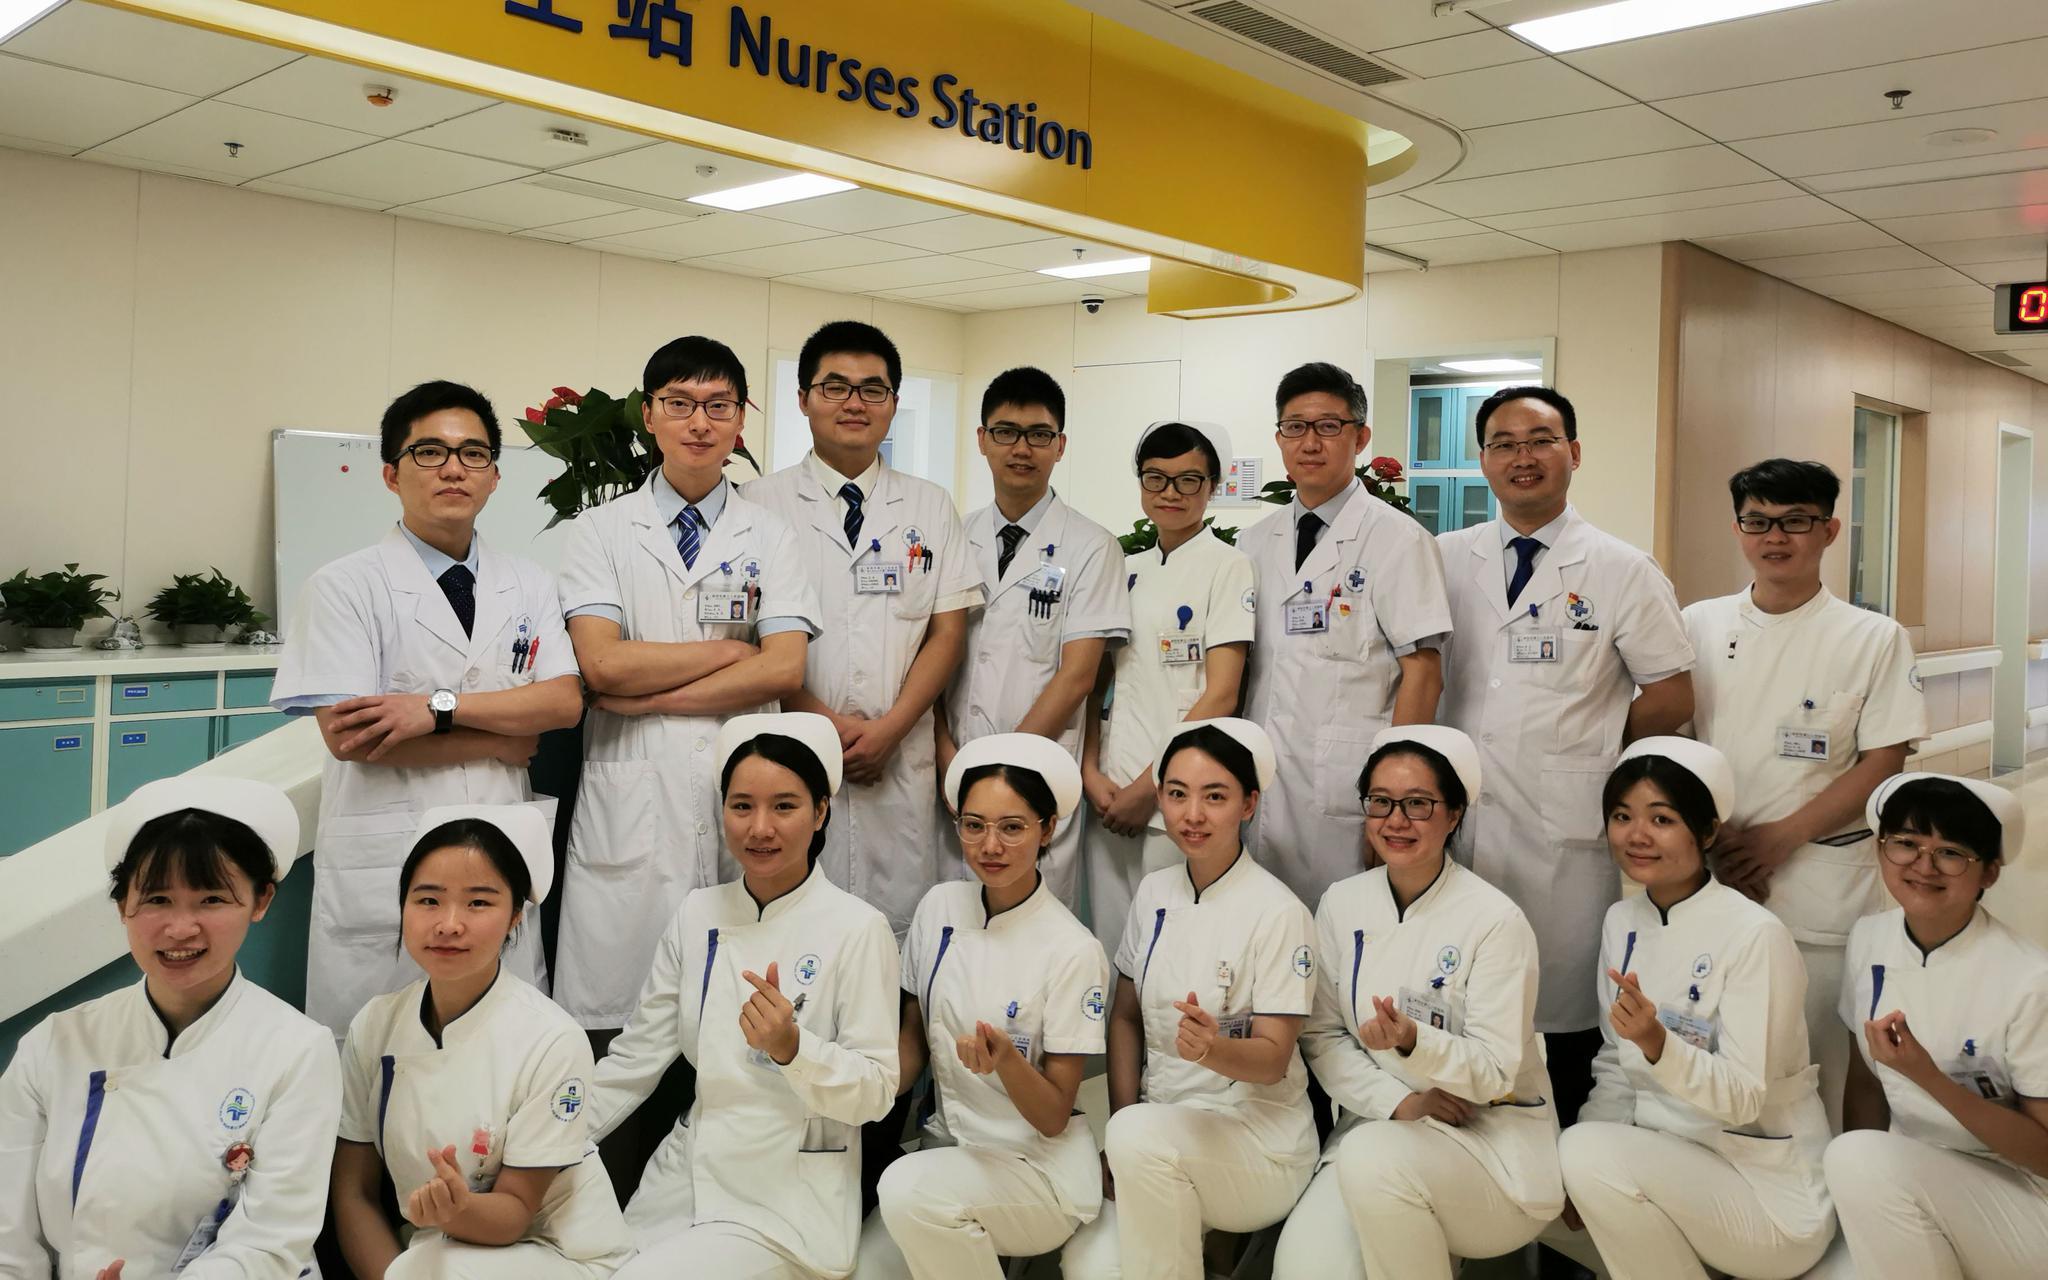 深圳市第三人民医院肝脏外科医护人员。受访者供图